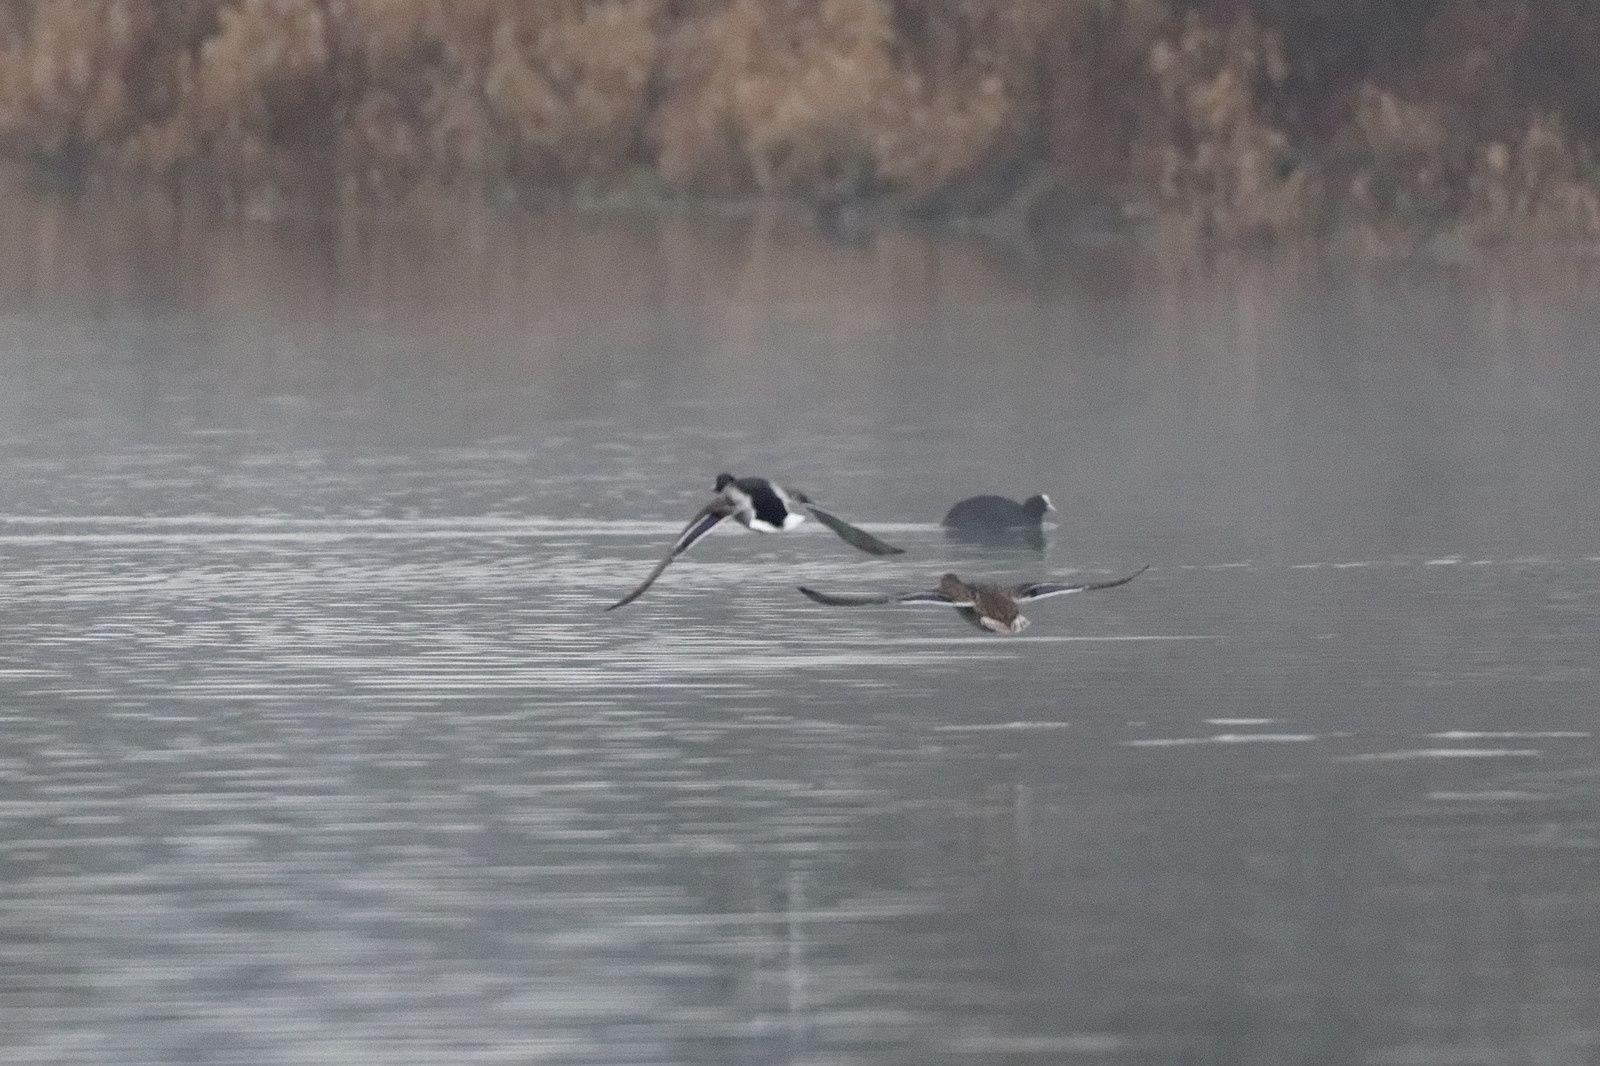 Photo 1 : 2 Colverts en fuite mais ces temps-ci ils volent beaucoup, le printemps commence de bonheur chez eux.